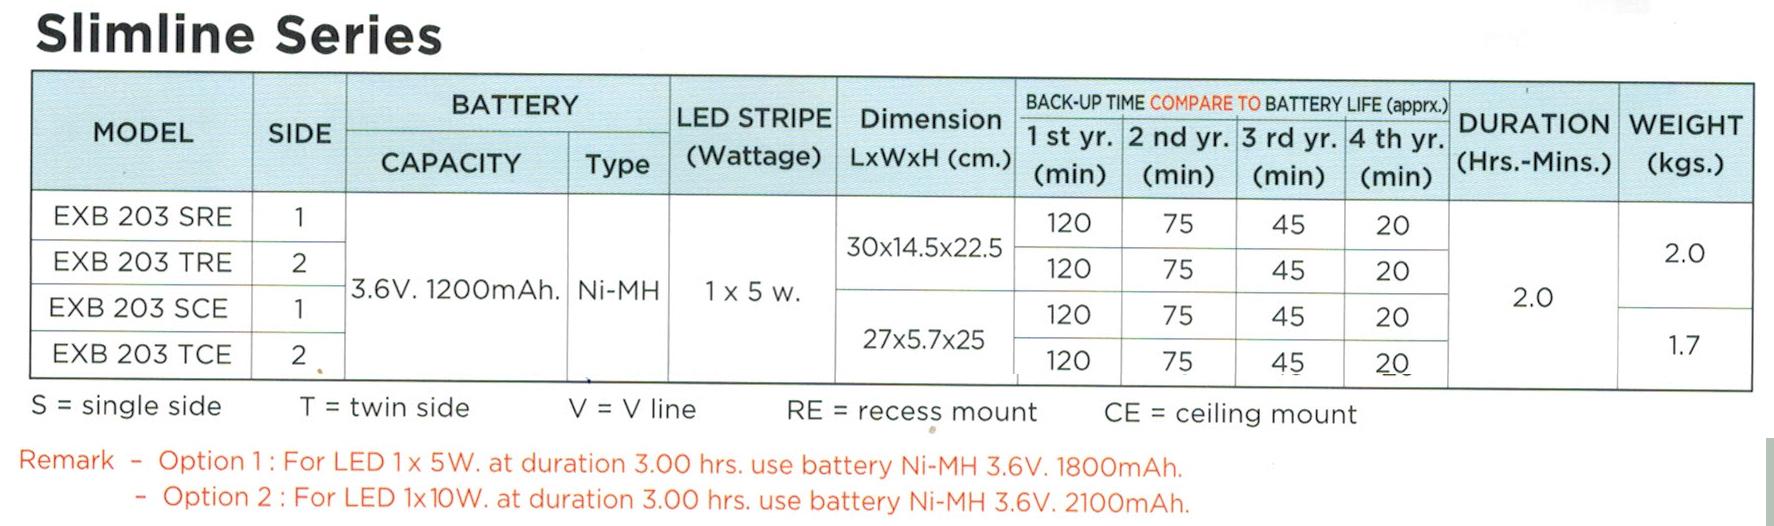 กล่องไฟทางหนีไฟ กล่องไฟทางออก สลิมไลน์ EXB203TRE, EXB203SCE, EXB203TCE, EXB203SRE Slimline LED Series (Exit Sign Lighting Max Bright C.E.E.)